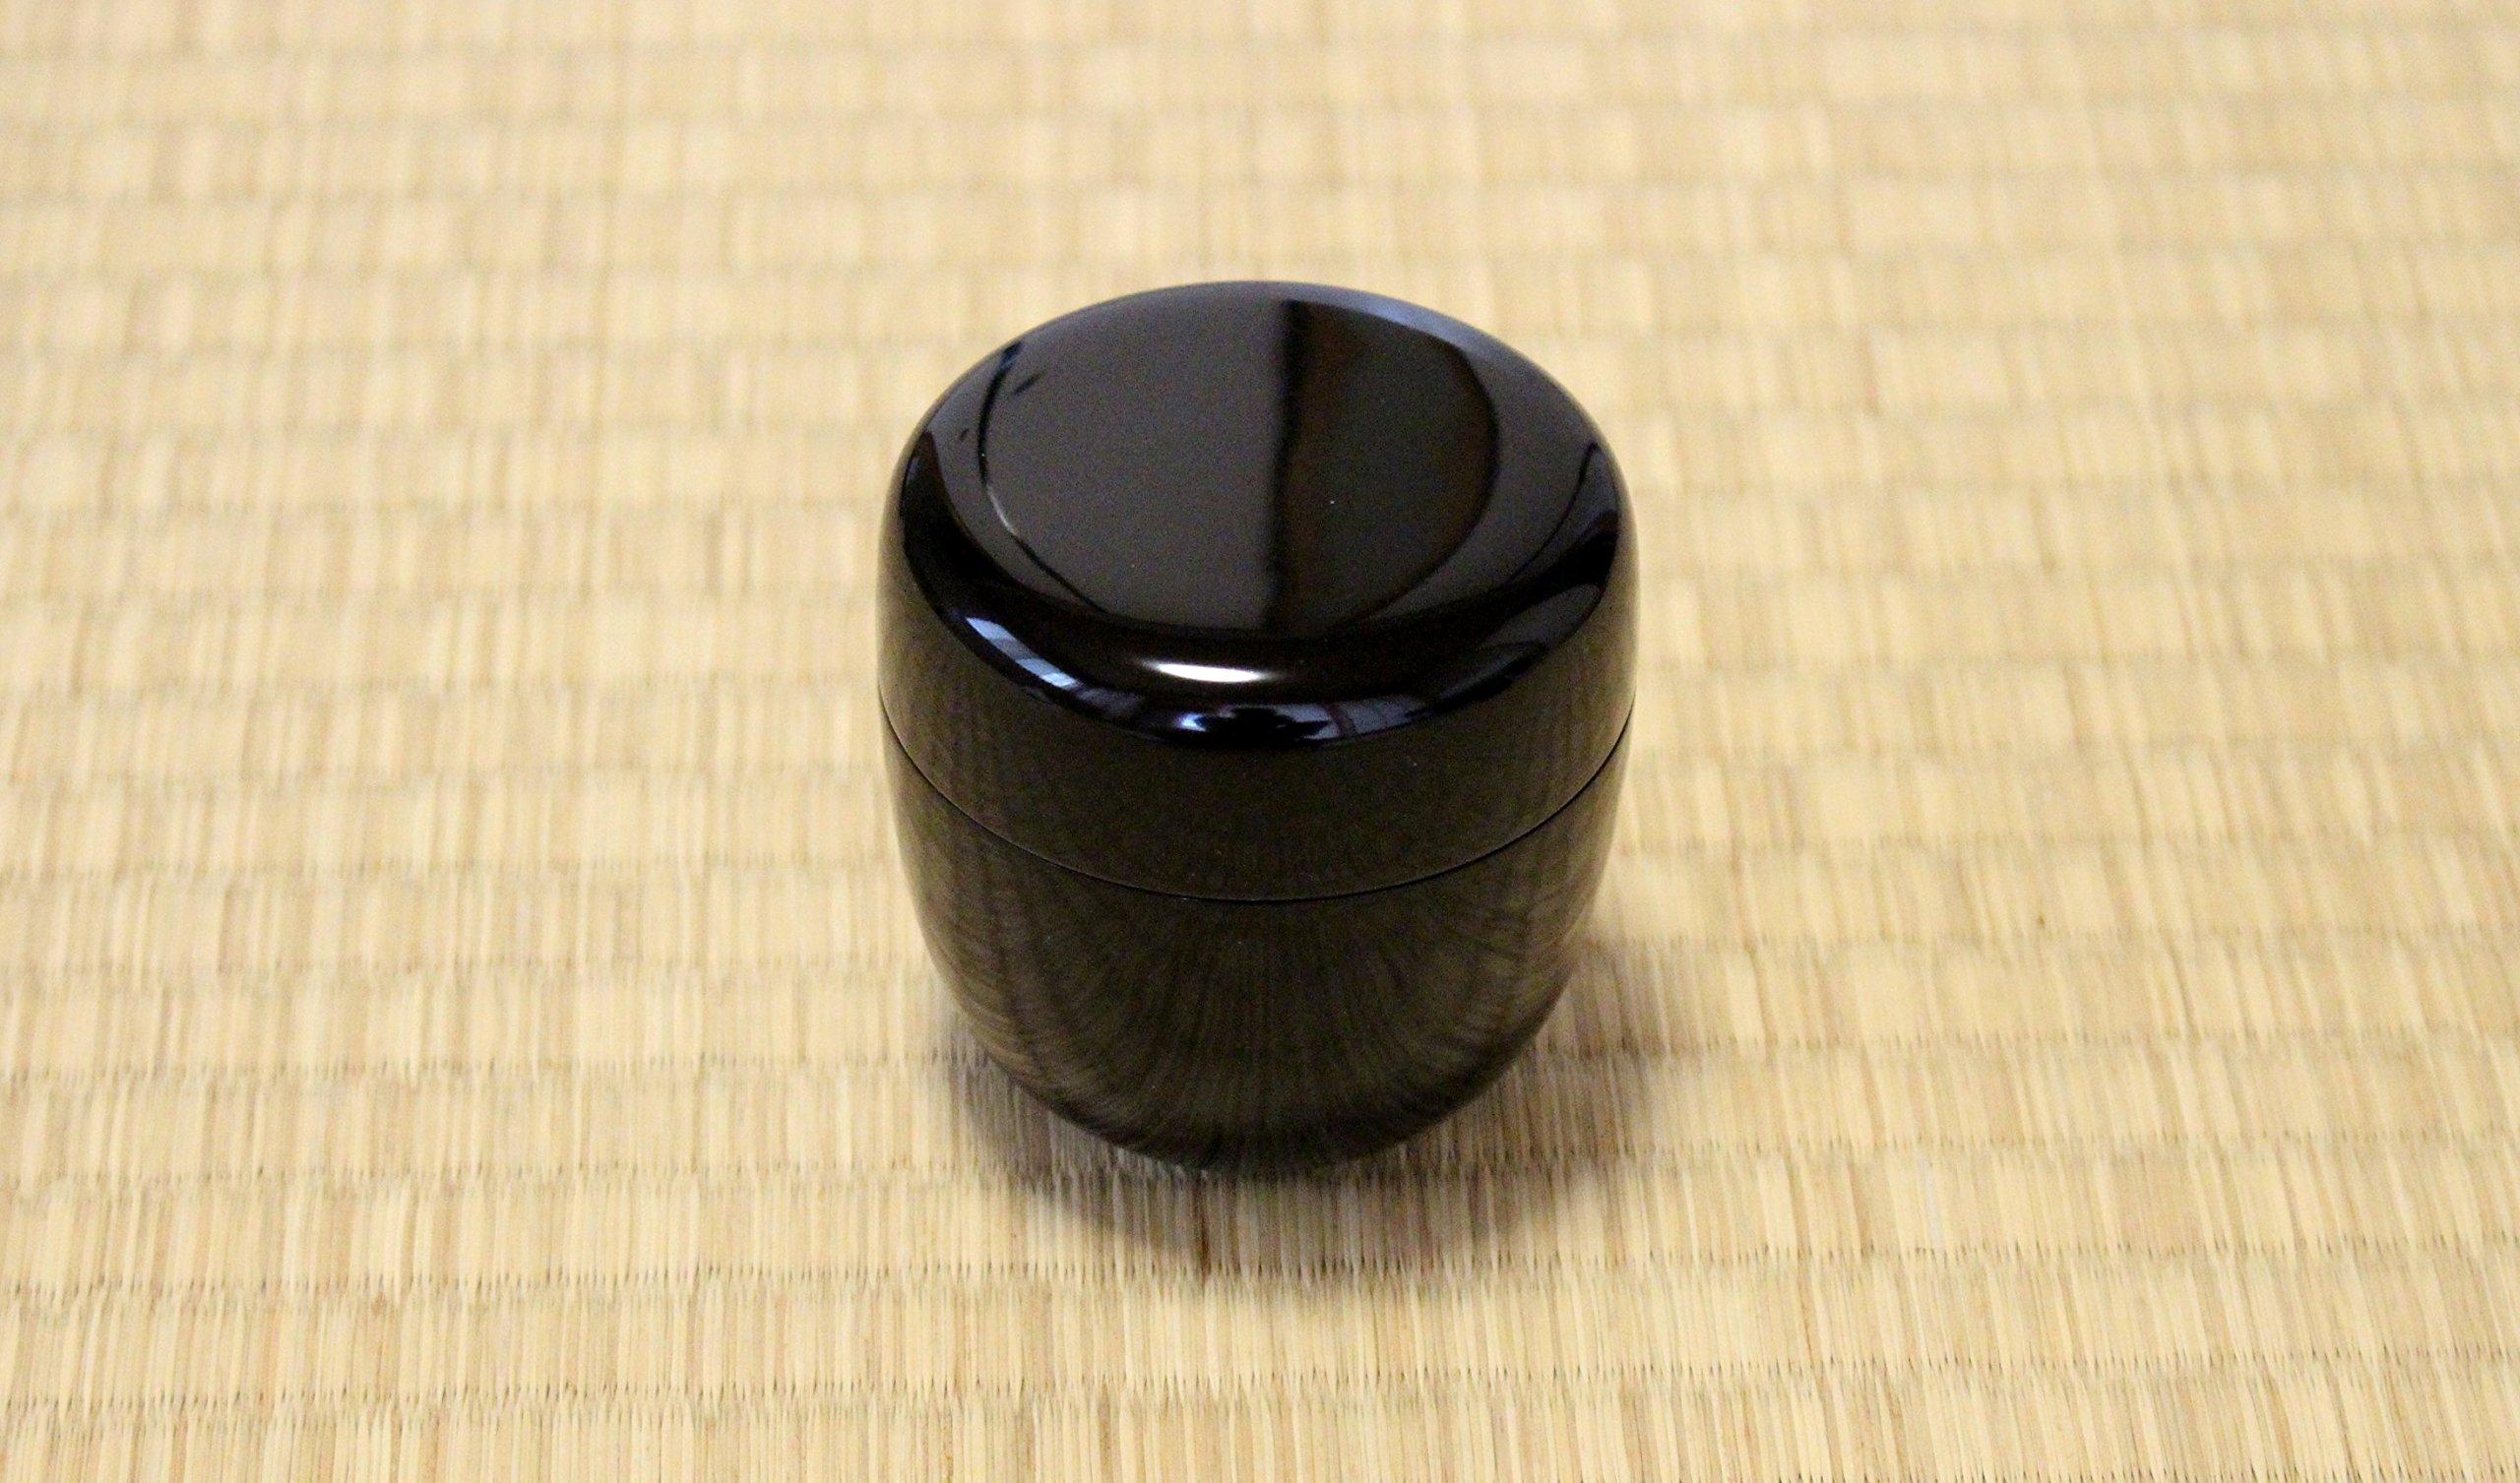 Tea Caddy Japanese Shin Natsume Echizen Urushi lacquer Matcha container black plain by Echizen Urushi